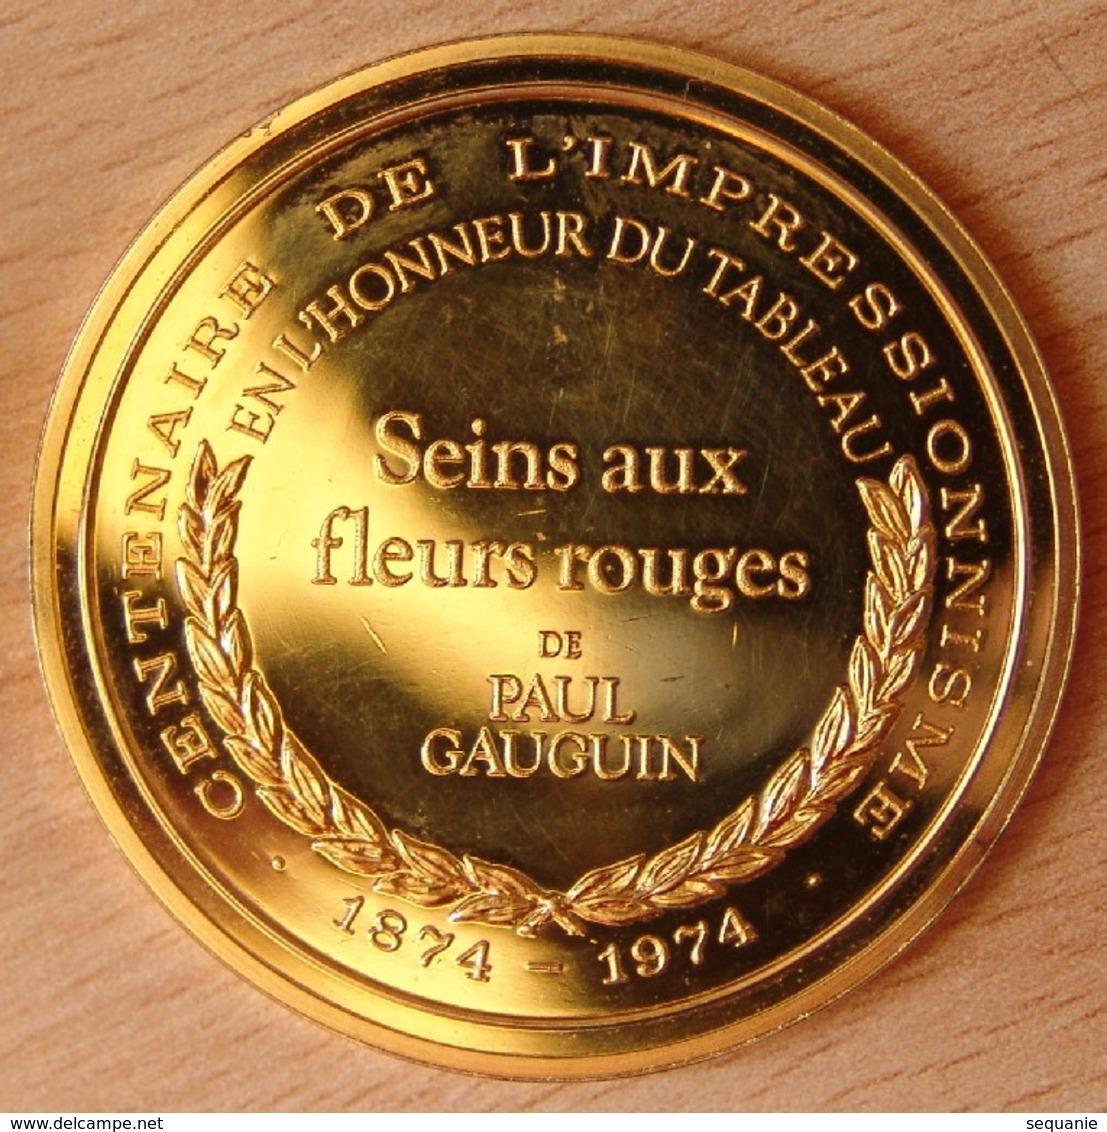 Médaille Seins Au Fleurs Rouges De Paul Gaugin Vermeil 1874-1974 - Professionnels / De Société